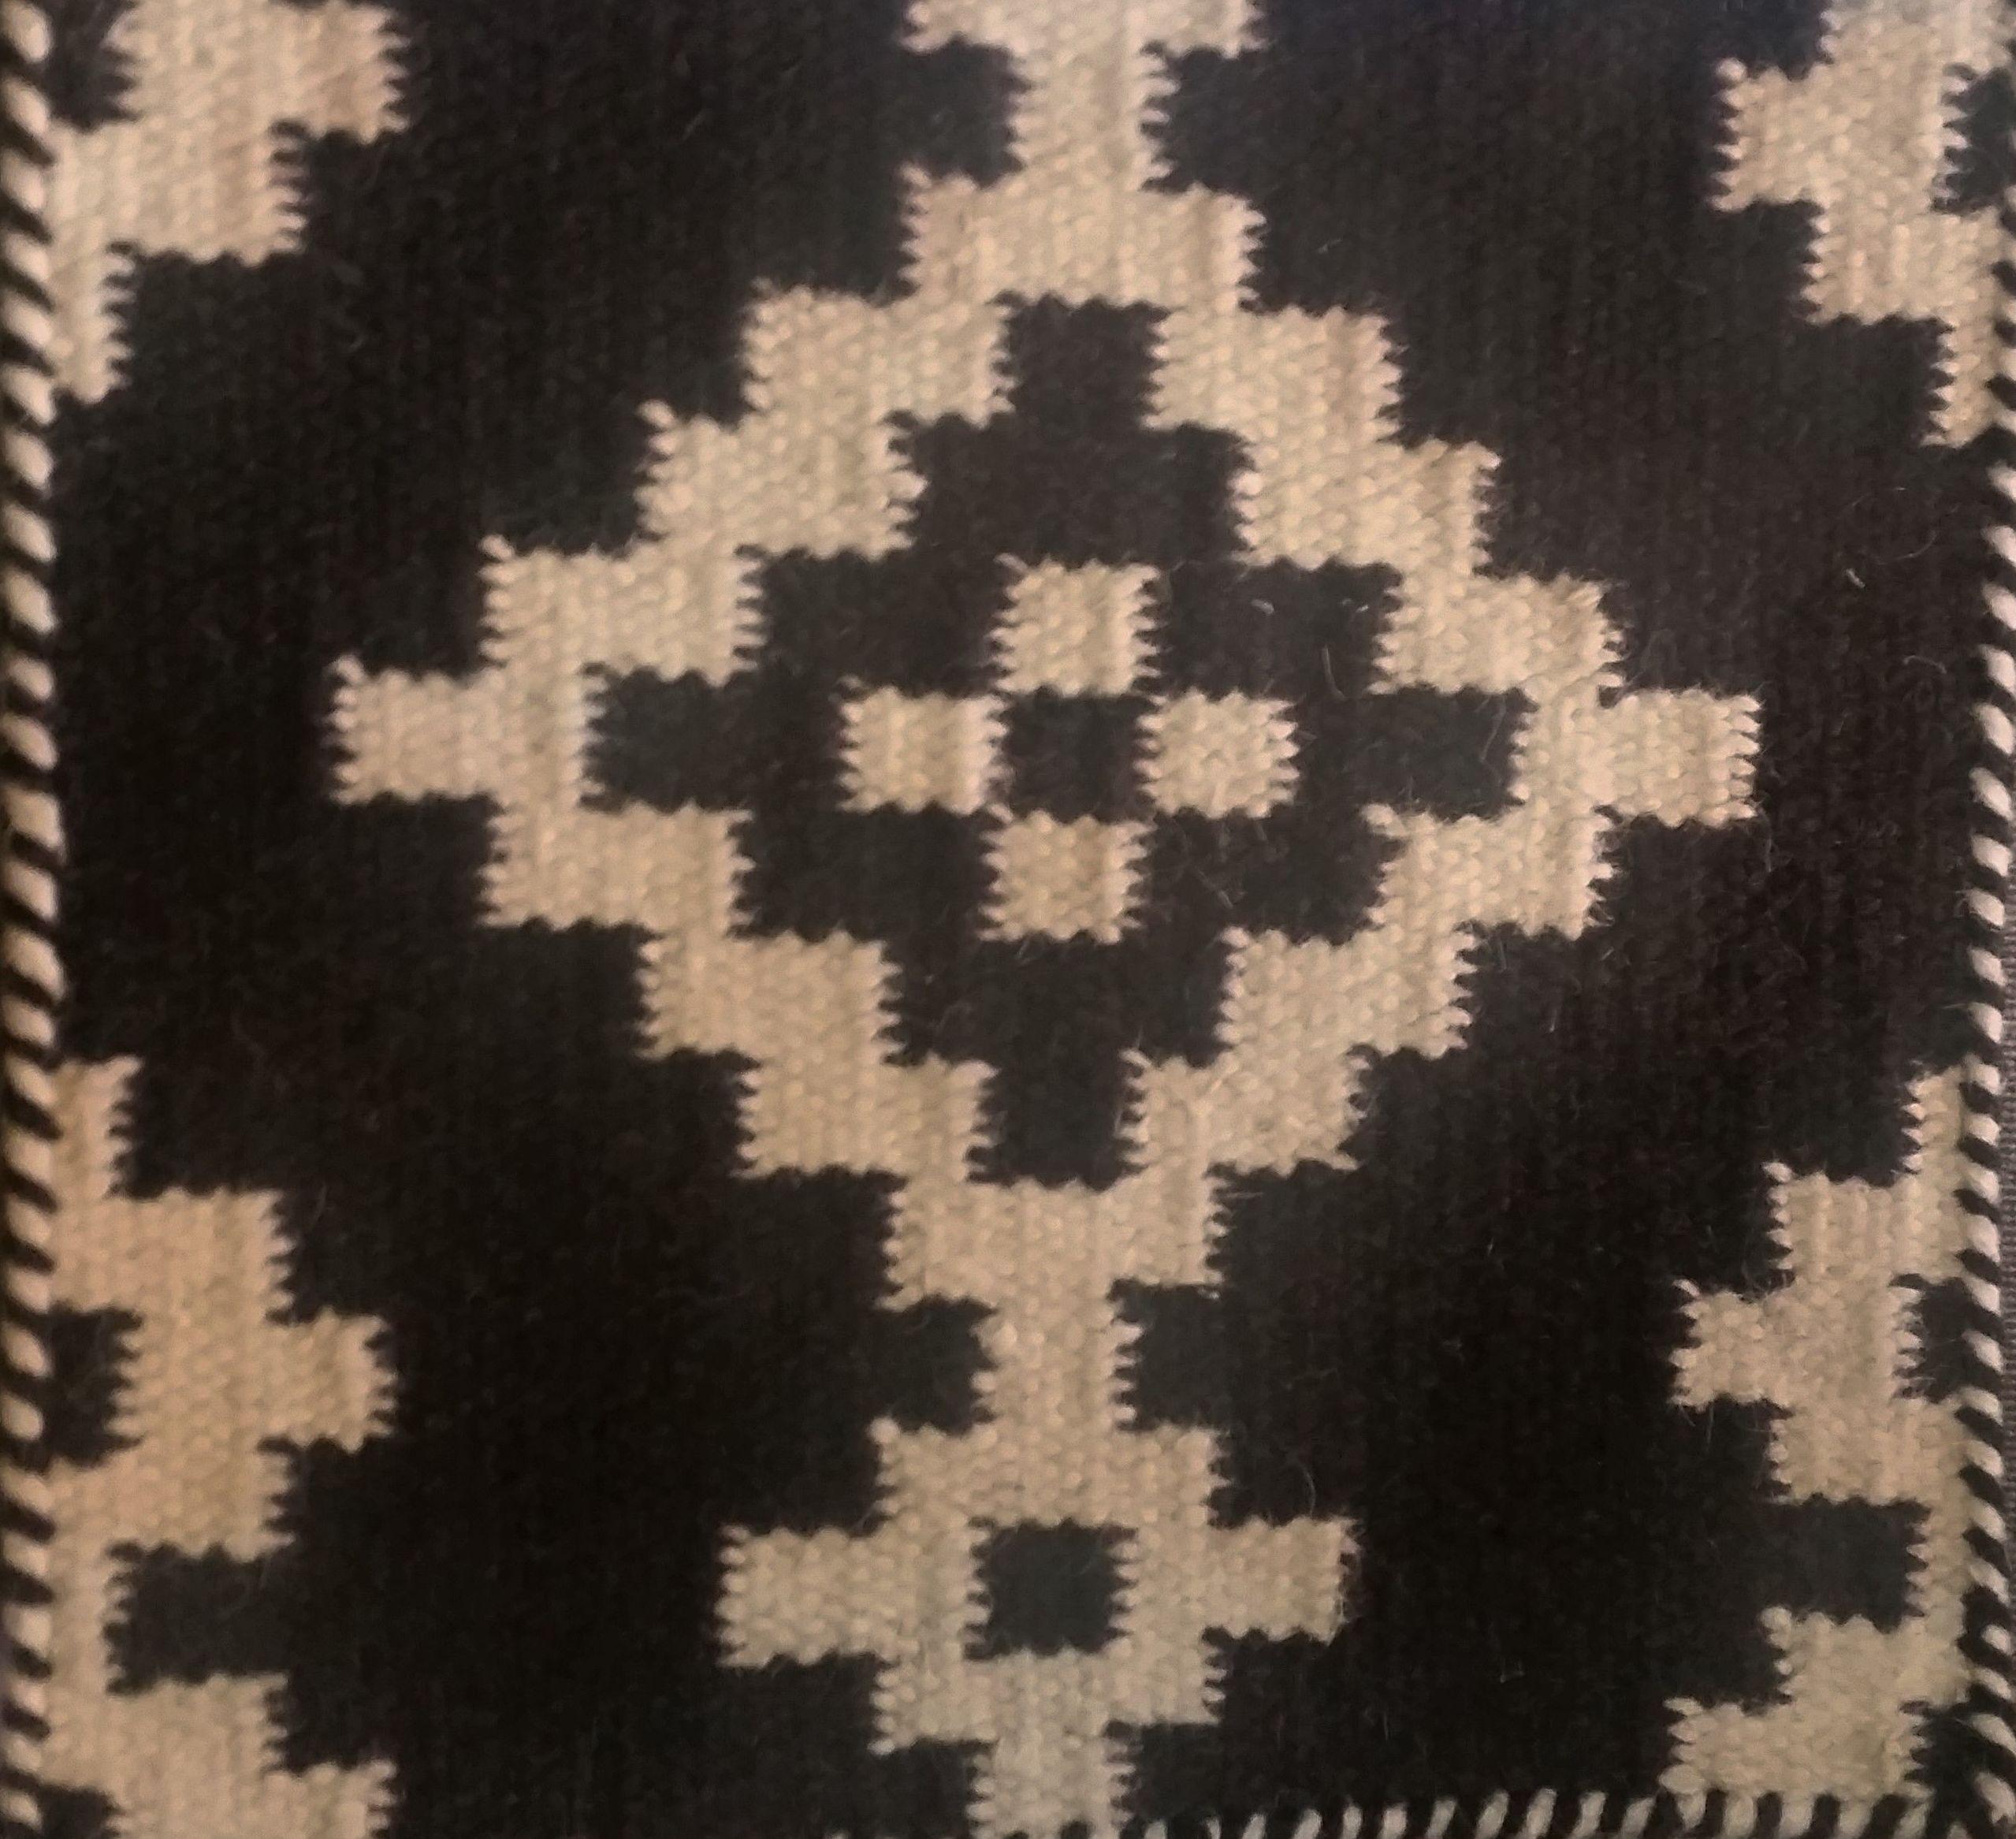 Alfombras de lana hechas a medida con diferentes diseños y colorido